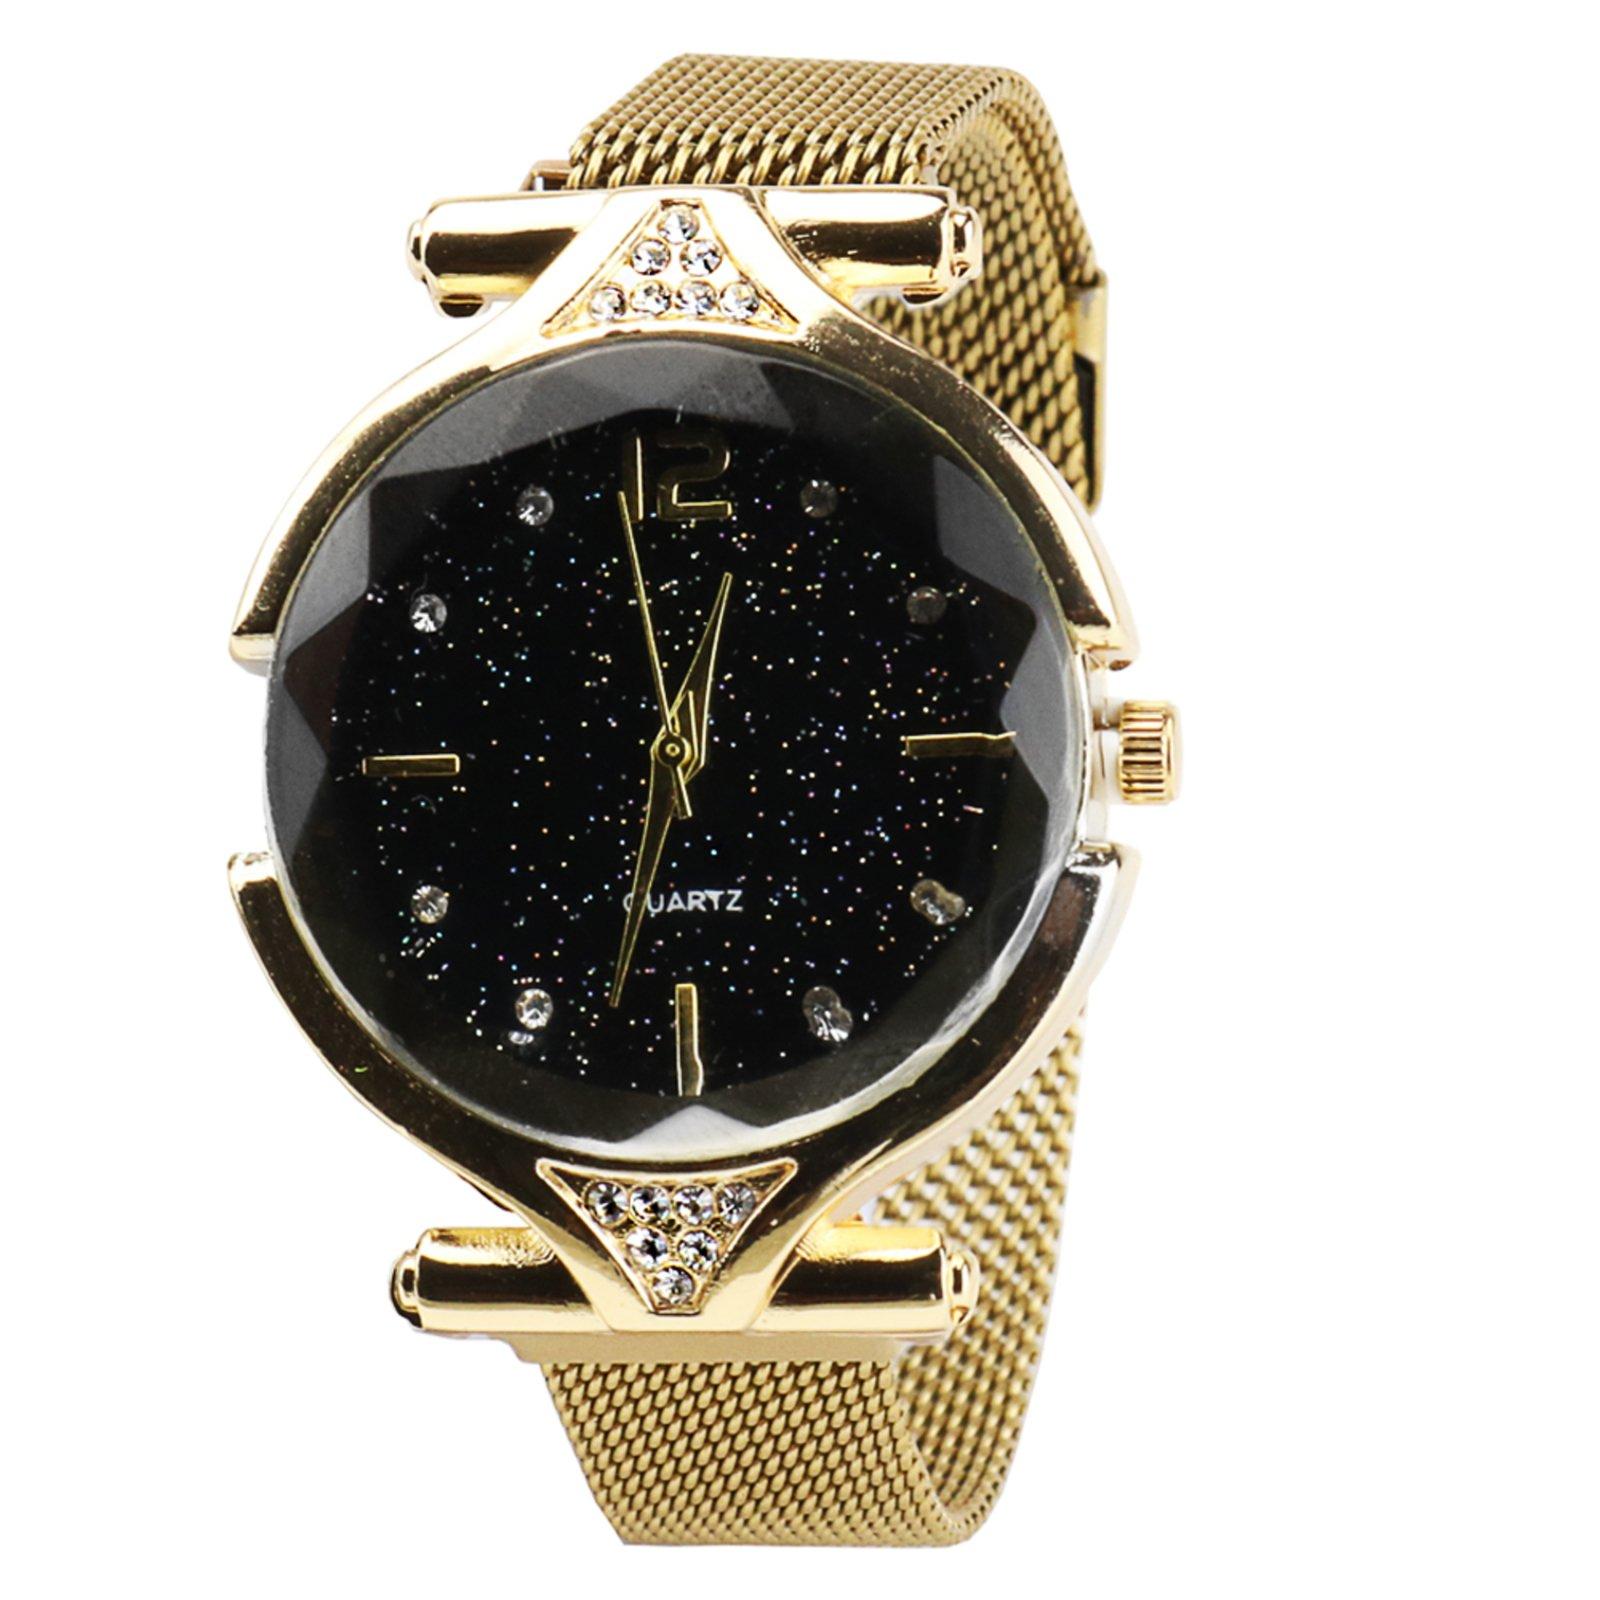 Relógio Magnético Feminino Com Brilho Dourado - Marca Rebento